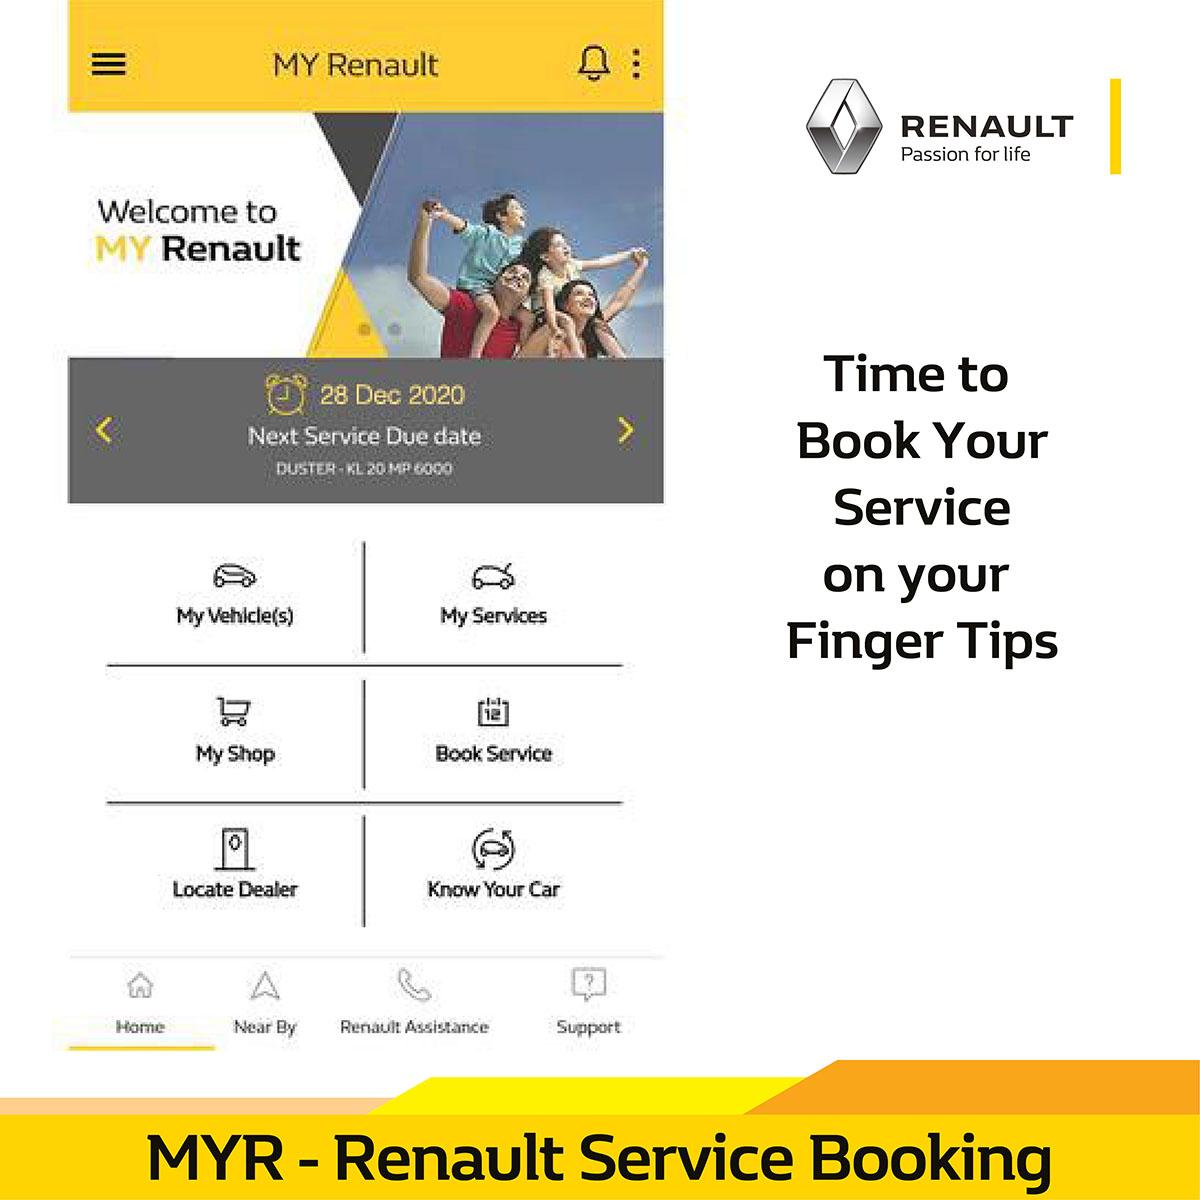 الآن يمكنك حجز موعد خدمة فقط بخطوات بسيطة من خلال إستخدامك تطبيق ماي رينو قم بحجز موعد خدمة وفقا للوقت/ التاريخ  والموقع المناسب لك  رينو #السيارات #المملكة العربية السعودية #السيارات #MYR  #MyRenault